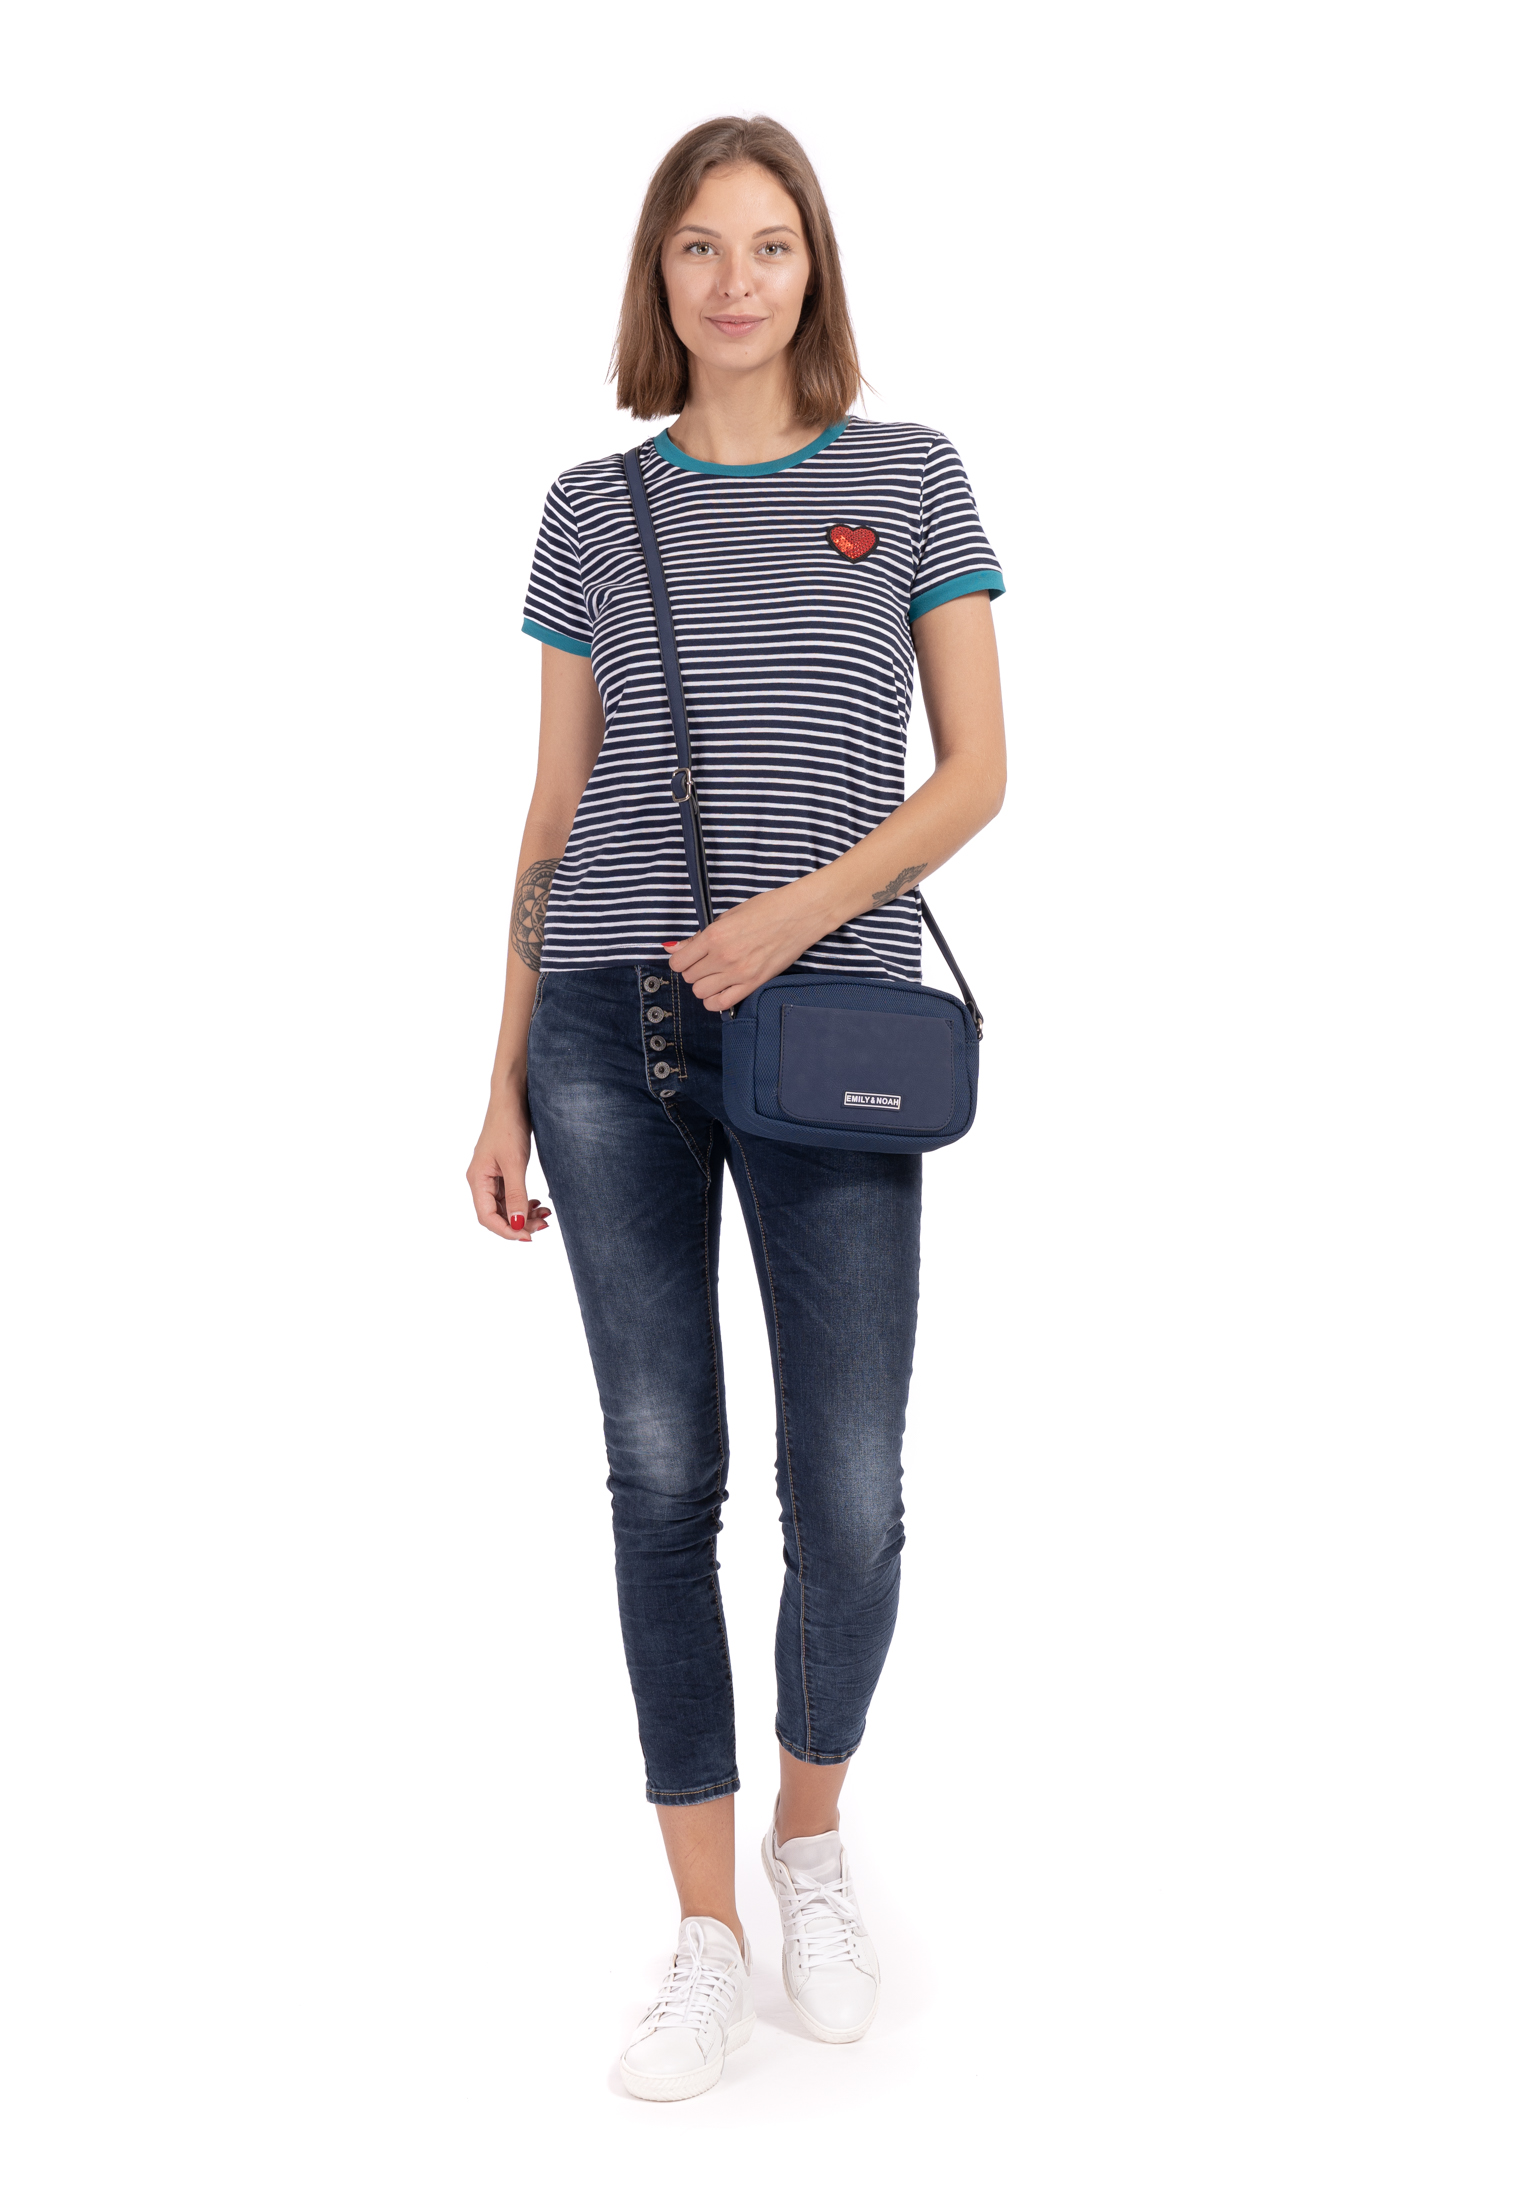 Handtasche mit Reißverschluss Lena klein